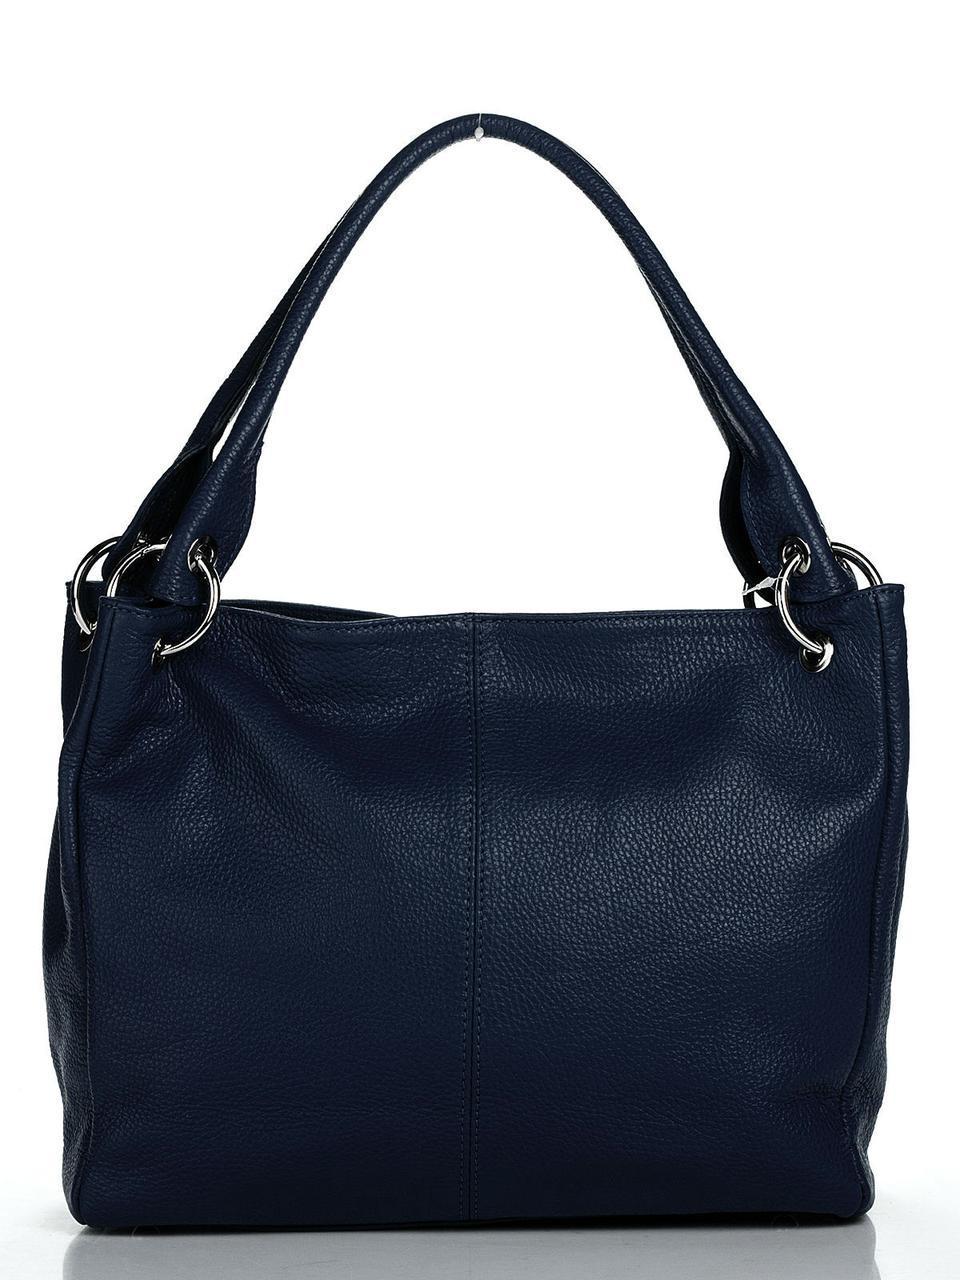 Женская кожаная сумка ASIA Diva's Bag цвет темно-синий